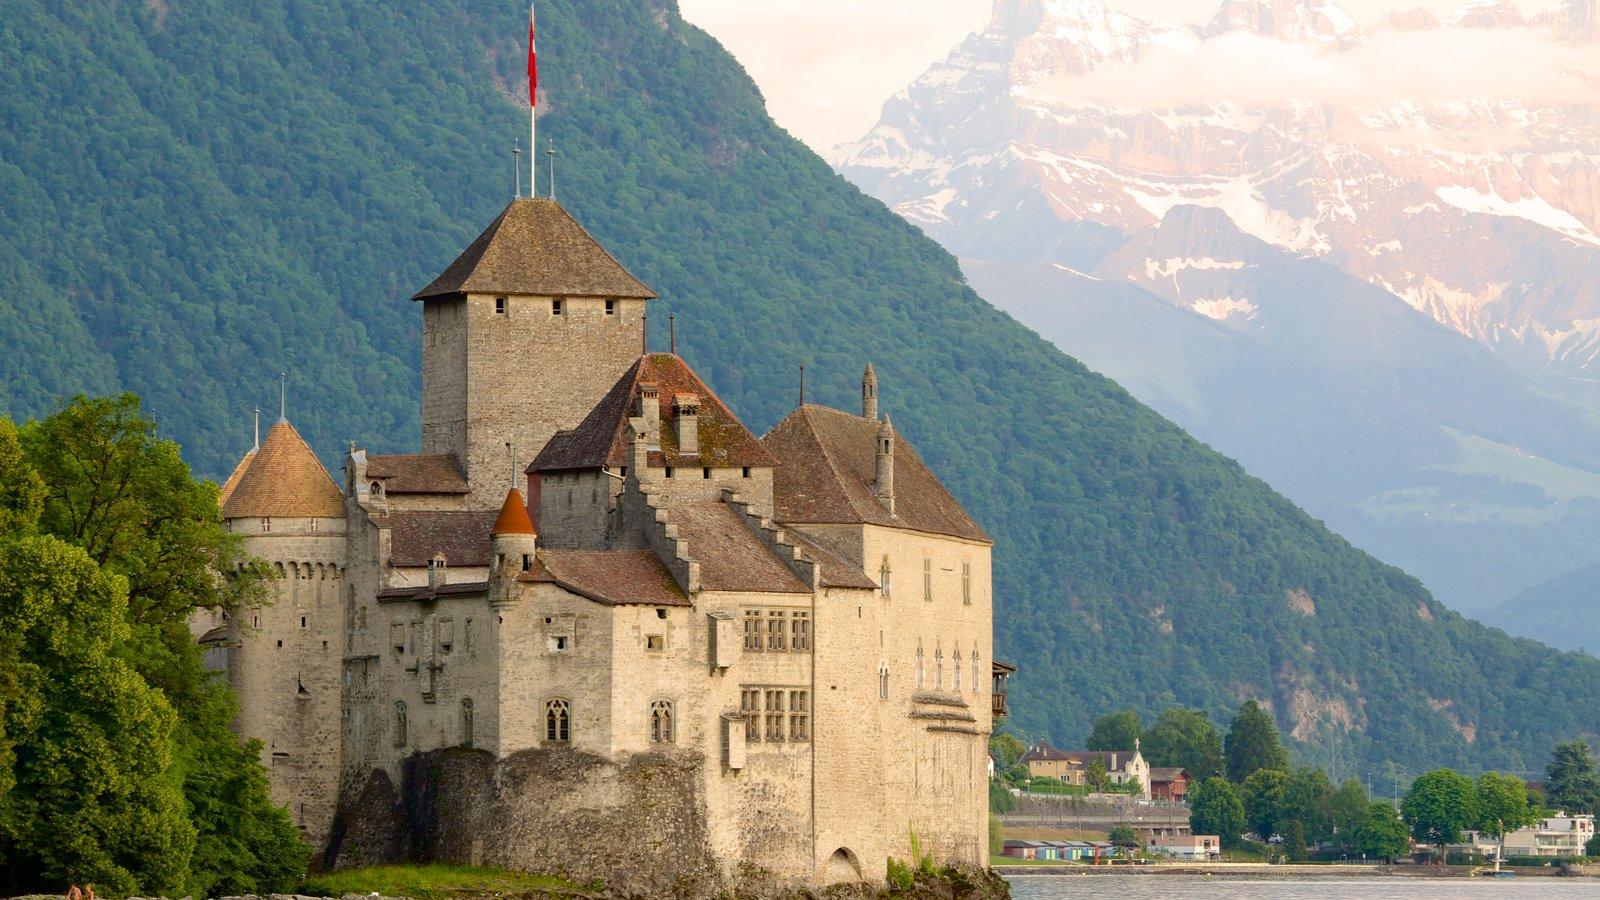 Chateau de Chillon que inclui um pequeno castelo ou palácio e arquitetura de patrimônio